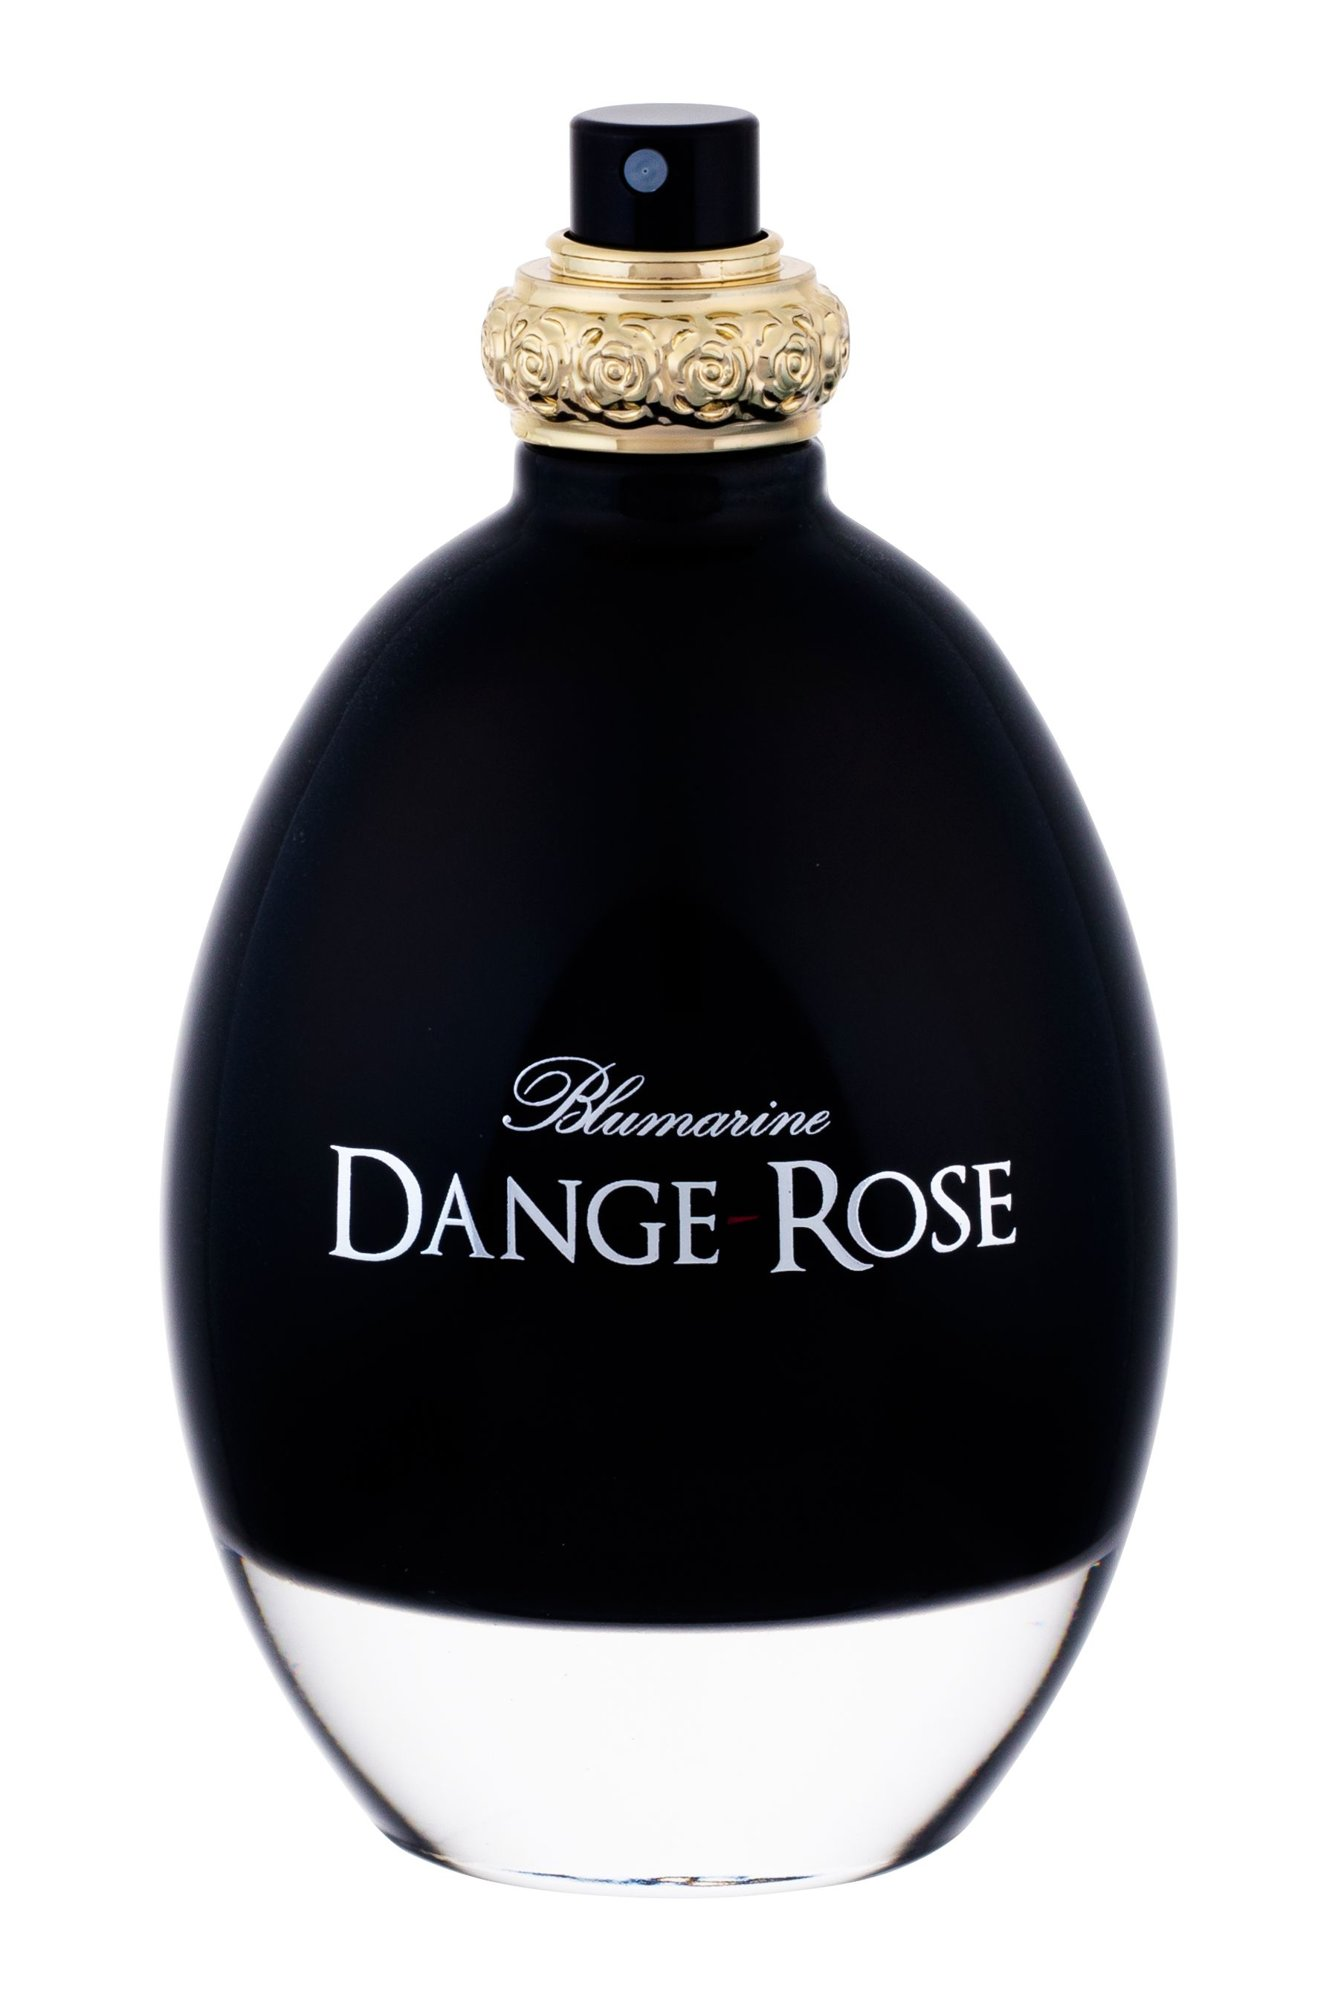 Blumarine Dange-Rose EDP 100ml